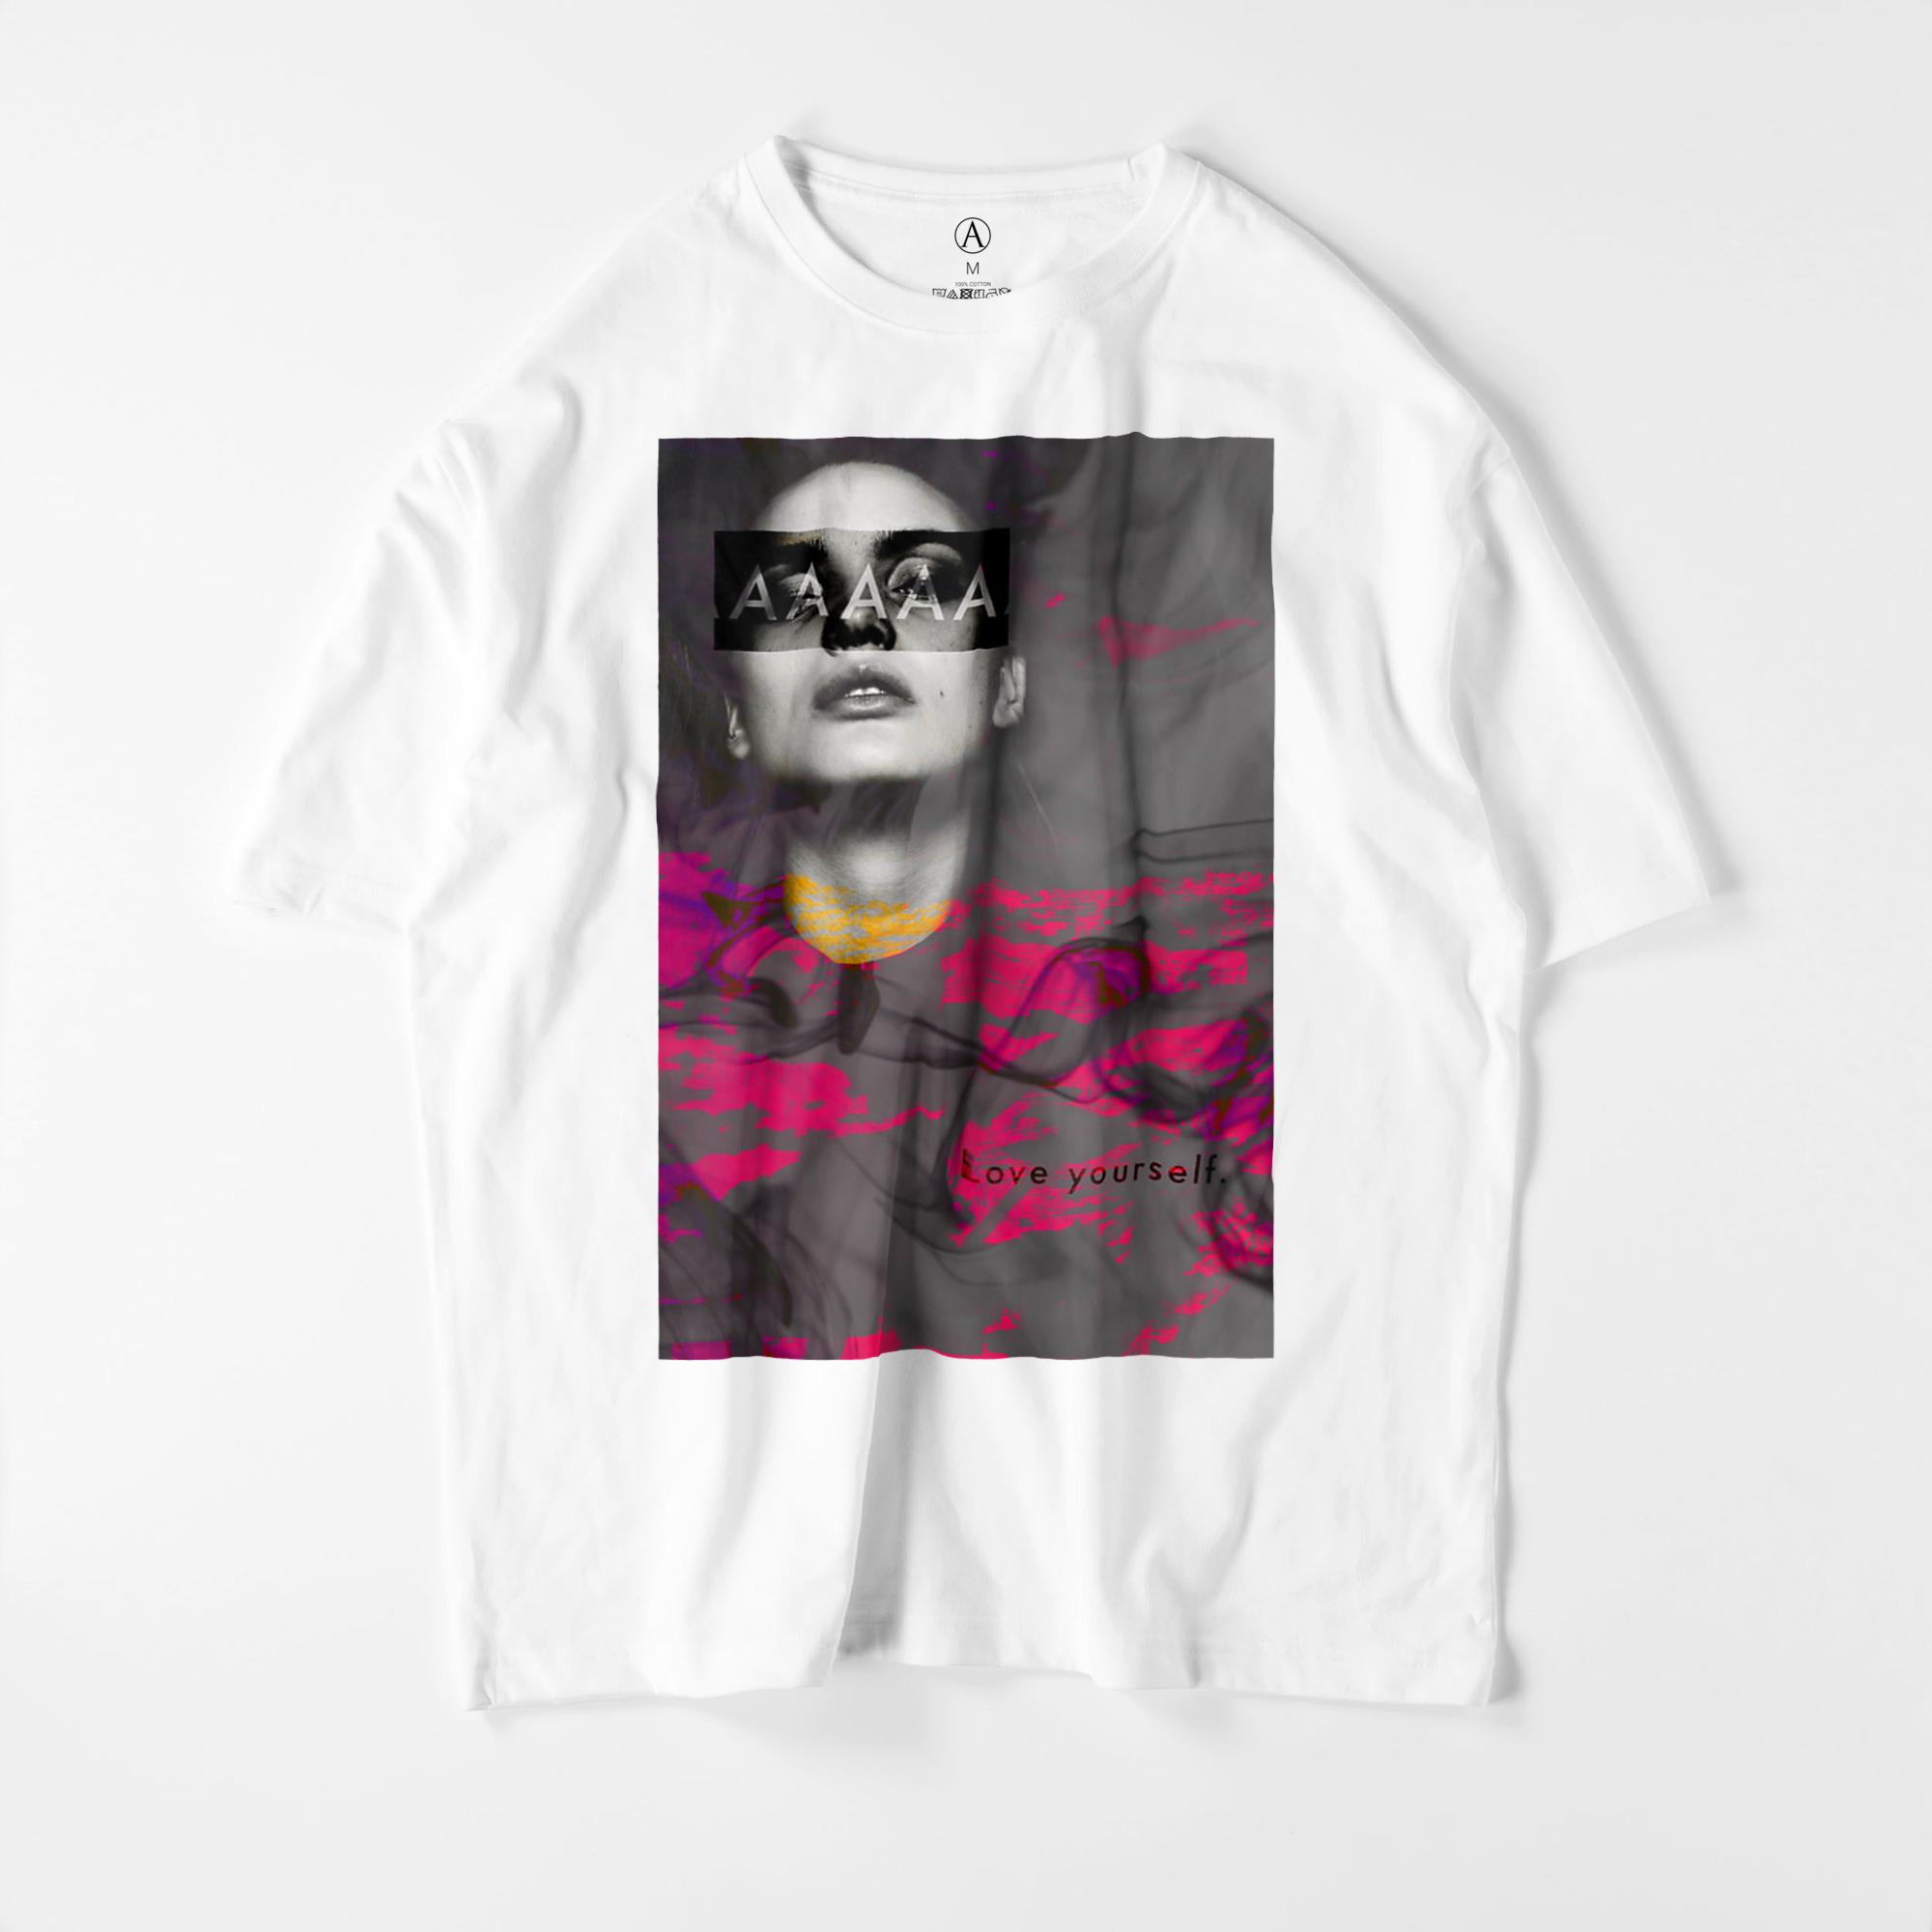 Love Yourself ビッグシルエットTシャツ(ホワイト・ブラック)/ Mens